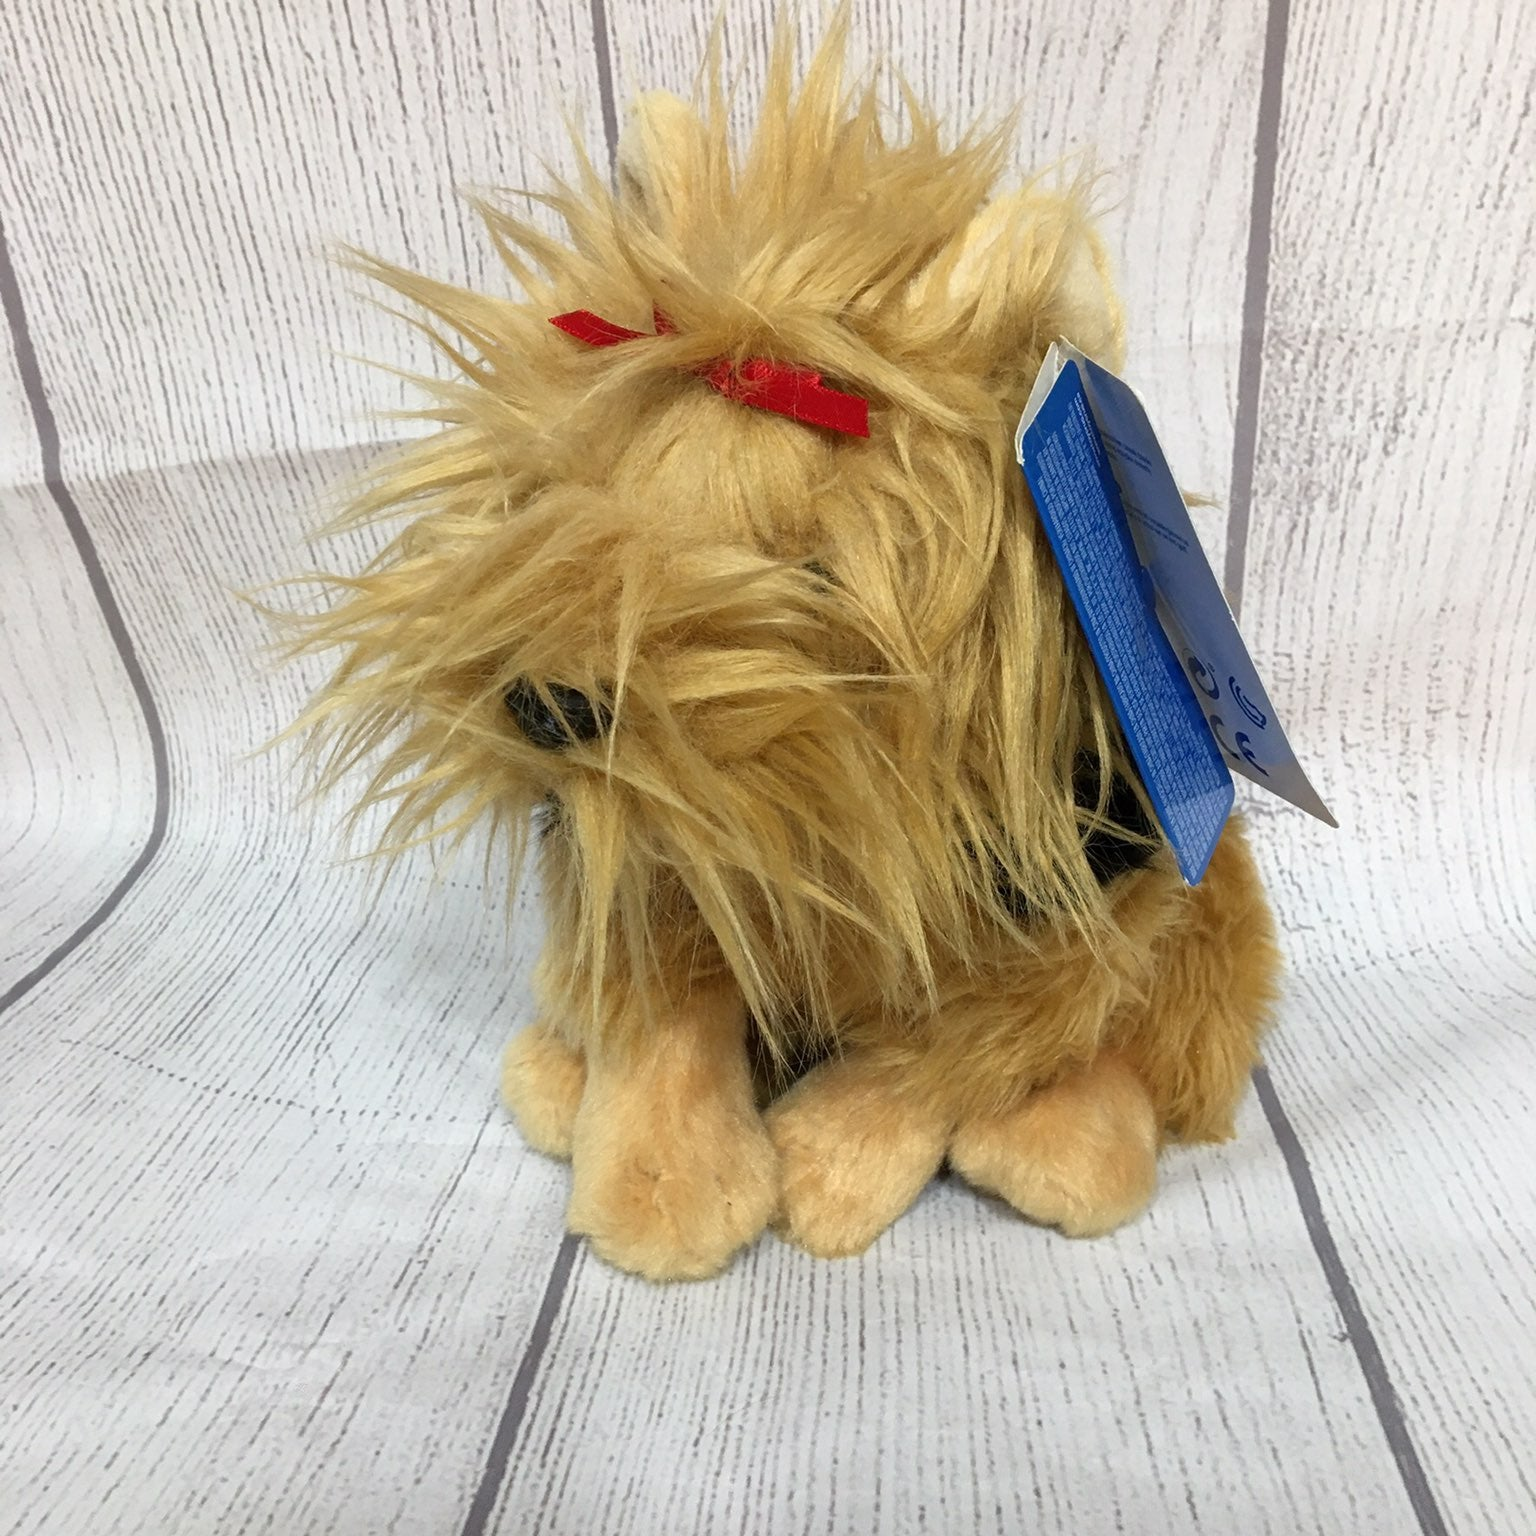 Toys R Us plush yorkie dog